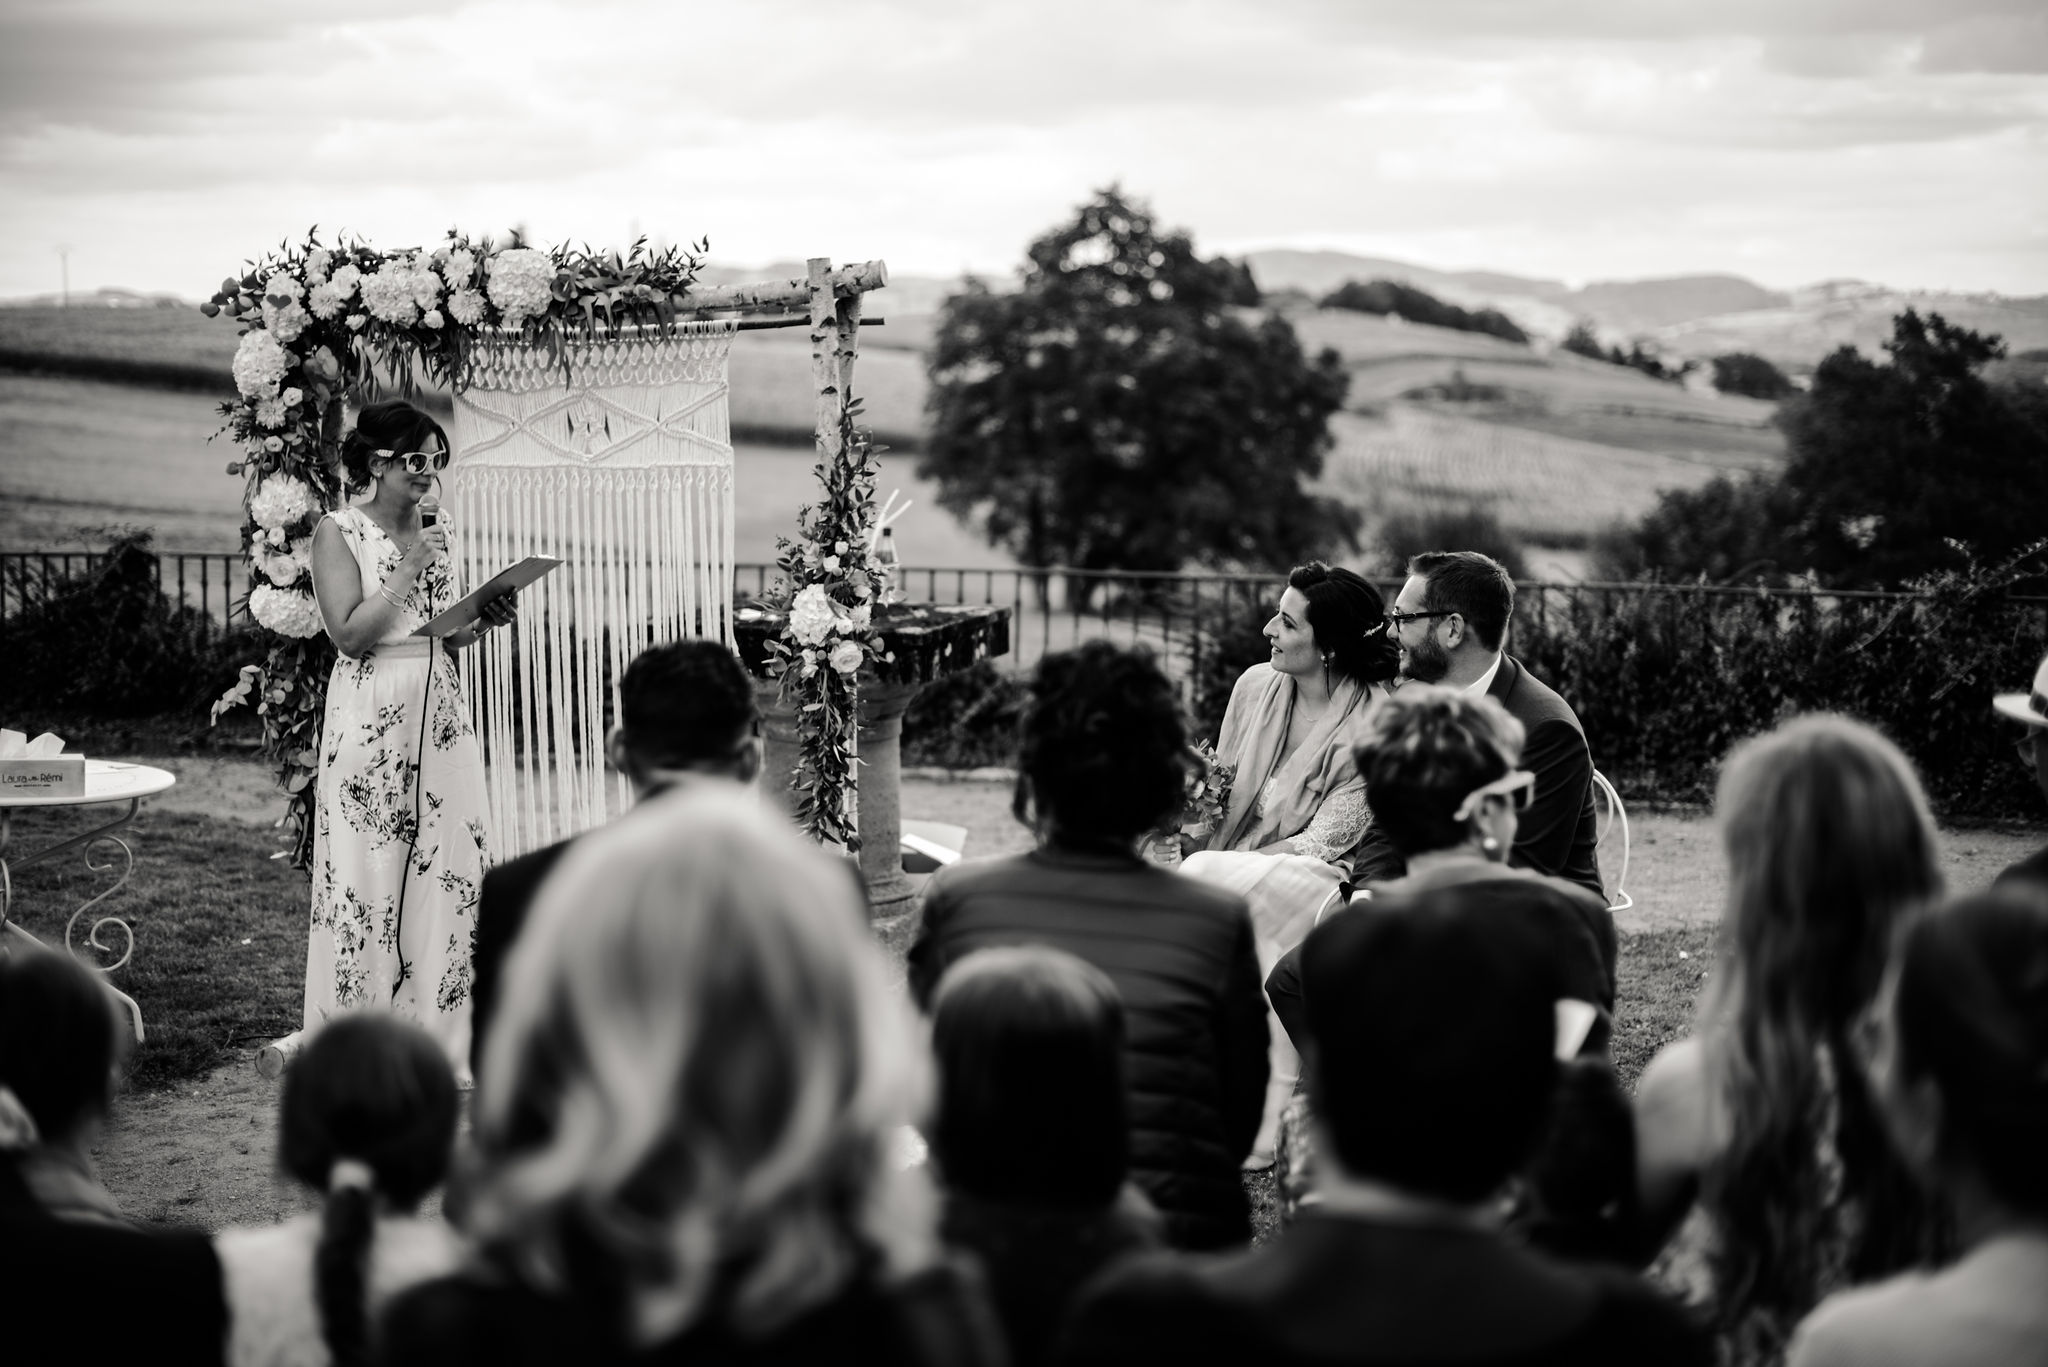 Léa-Fery-photographe-professionnel-lyon-rhone-alpes-portrait-creation-mariage-evenement-evenementiel-famille-6875.jpg